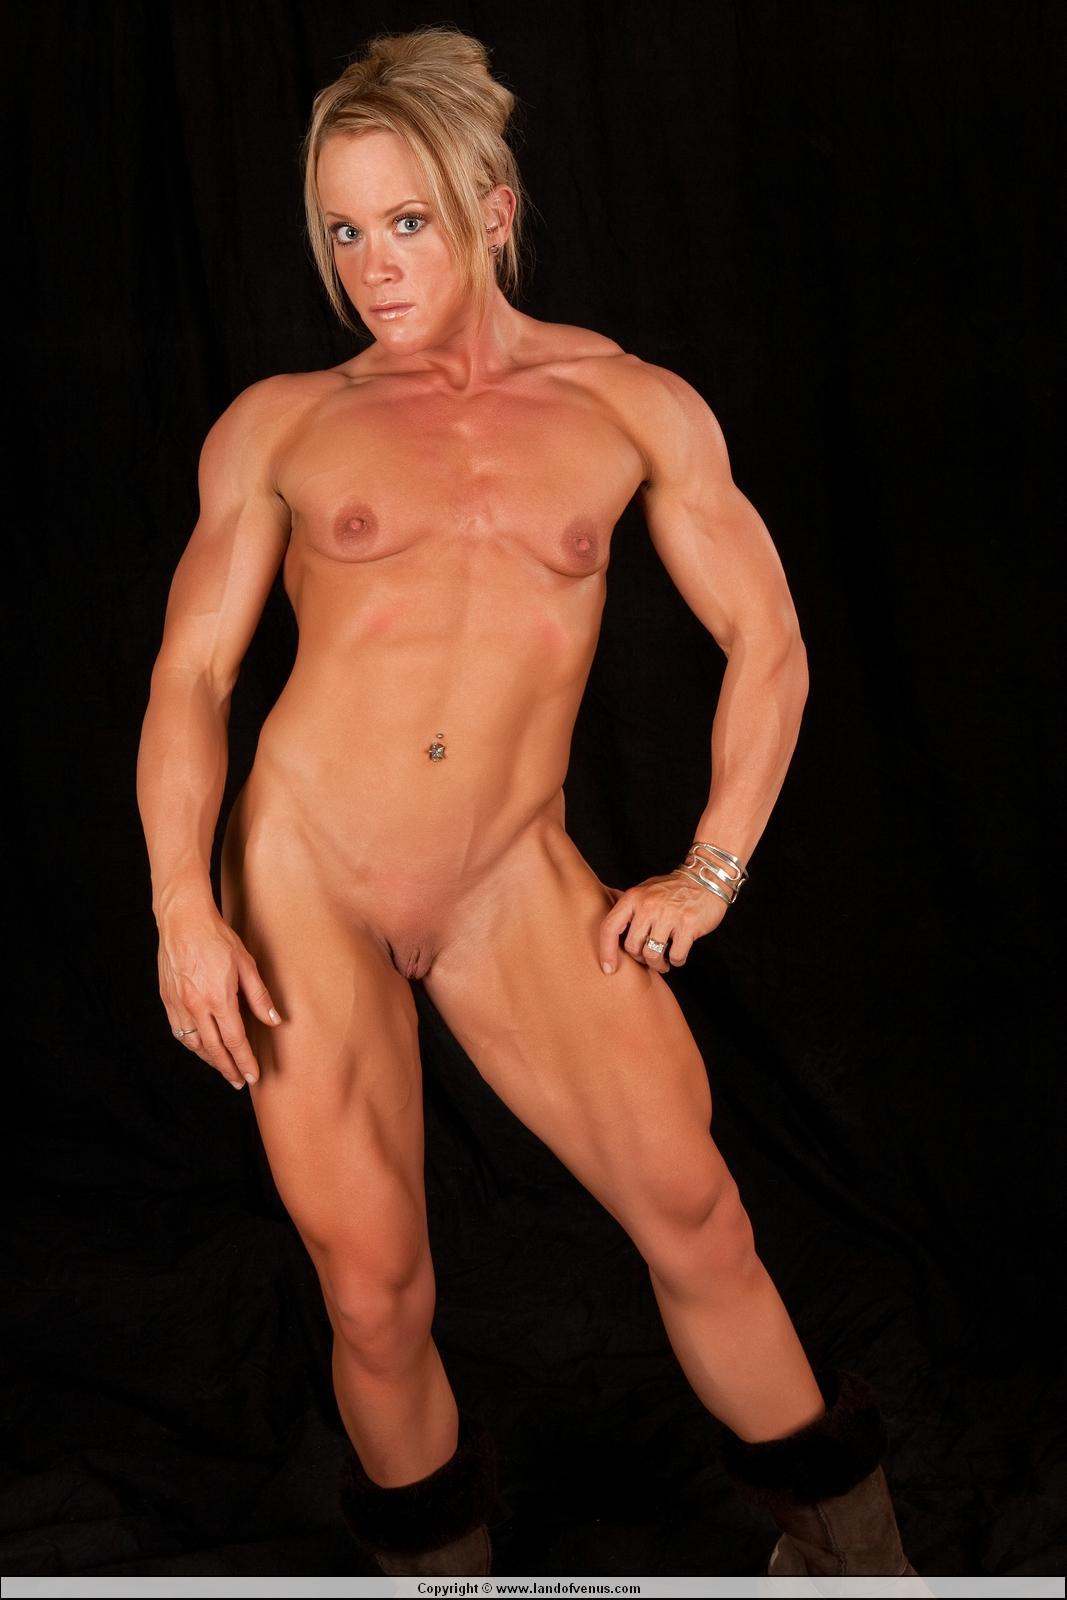 boa hancock nude fake